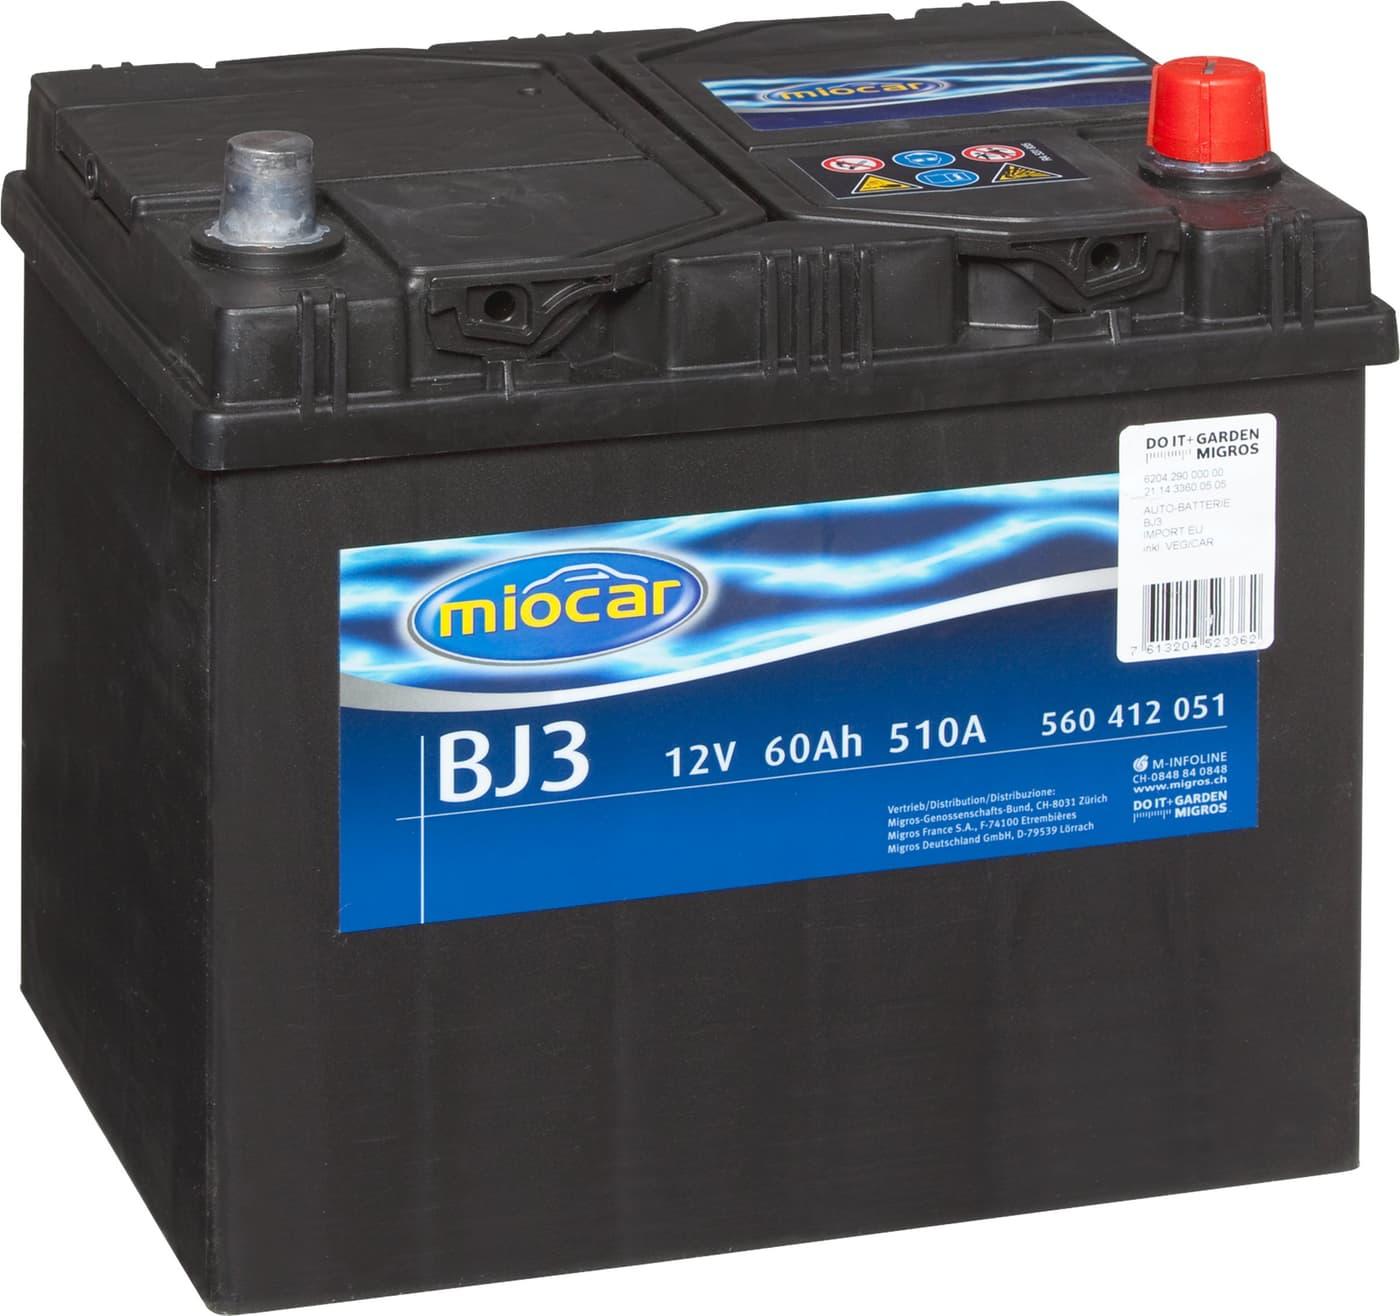 miocar autobatterie bj3 12v 60ah 510a migros. Black Bedroom Furniture Sets. Home Design Ideas